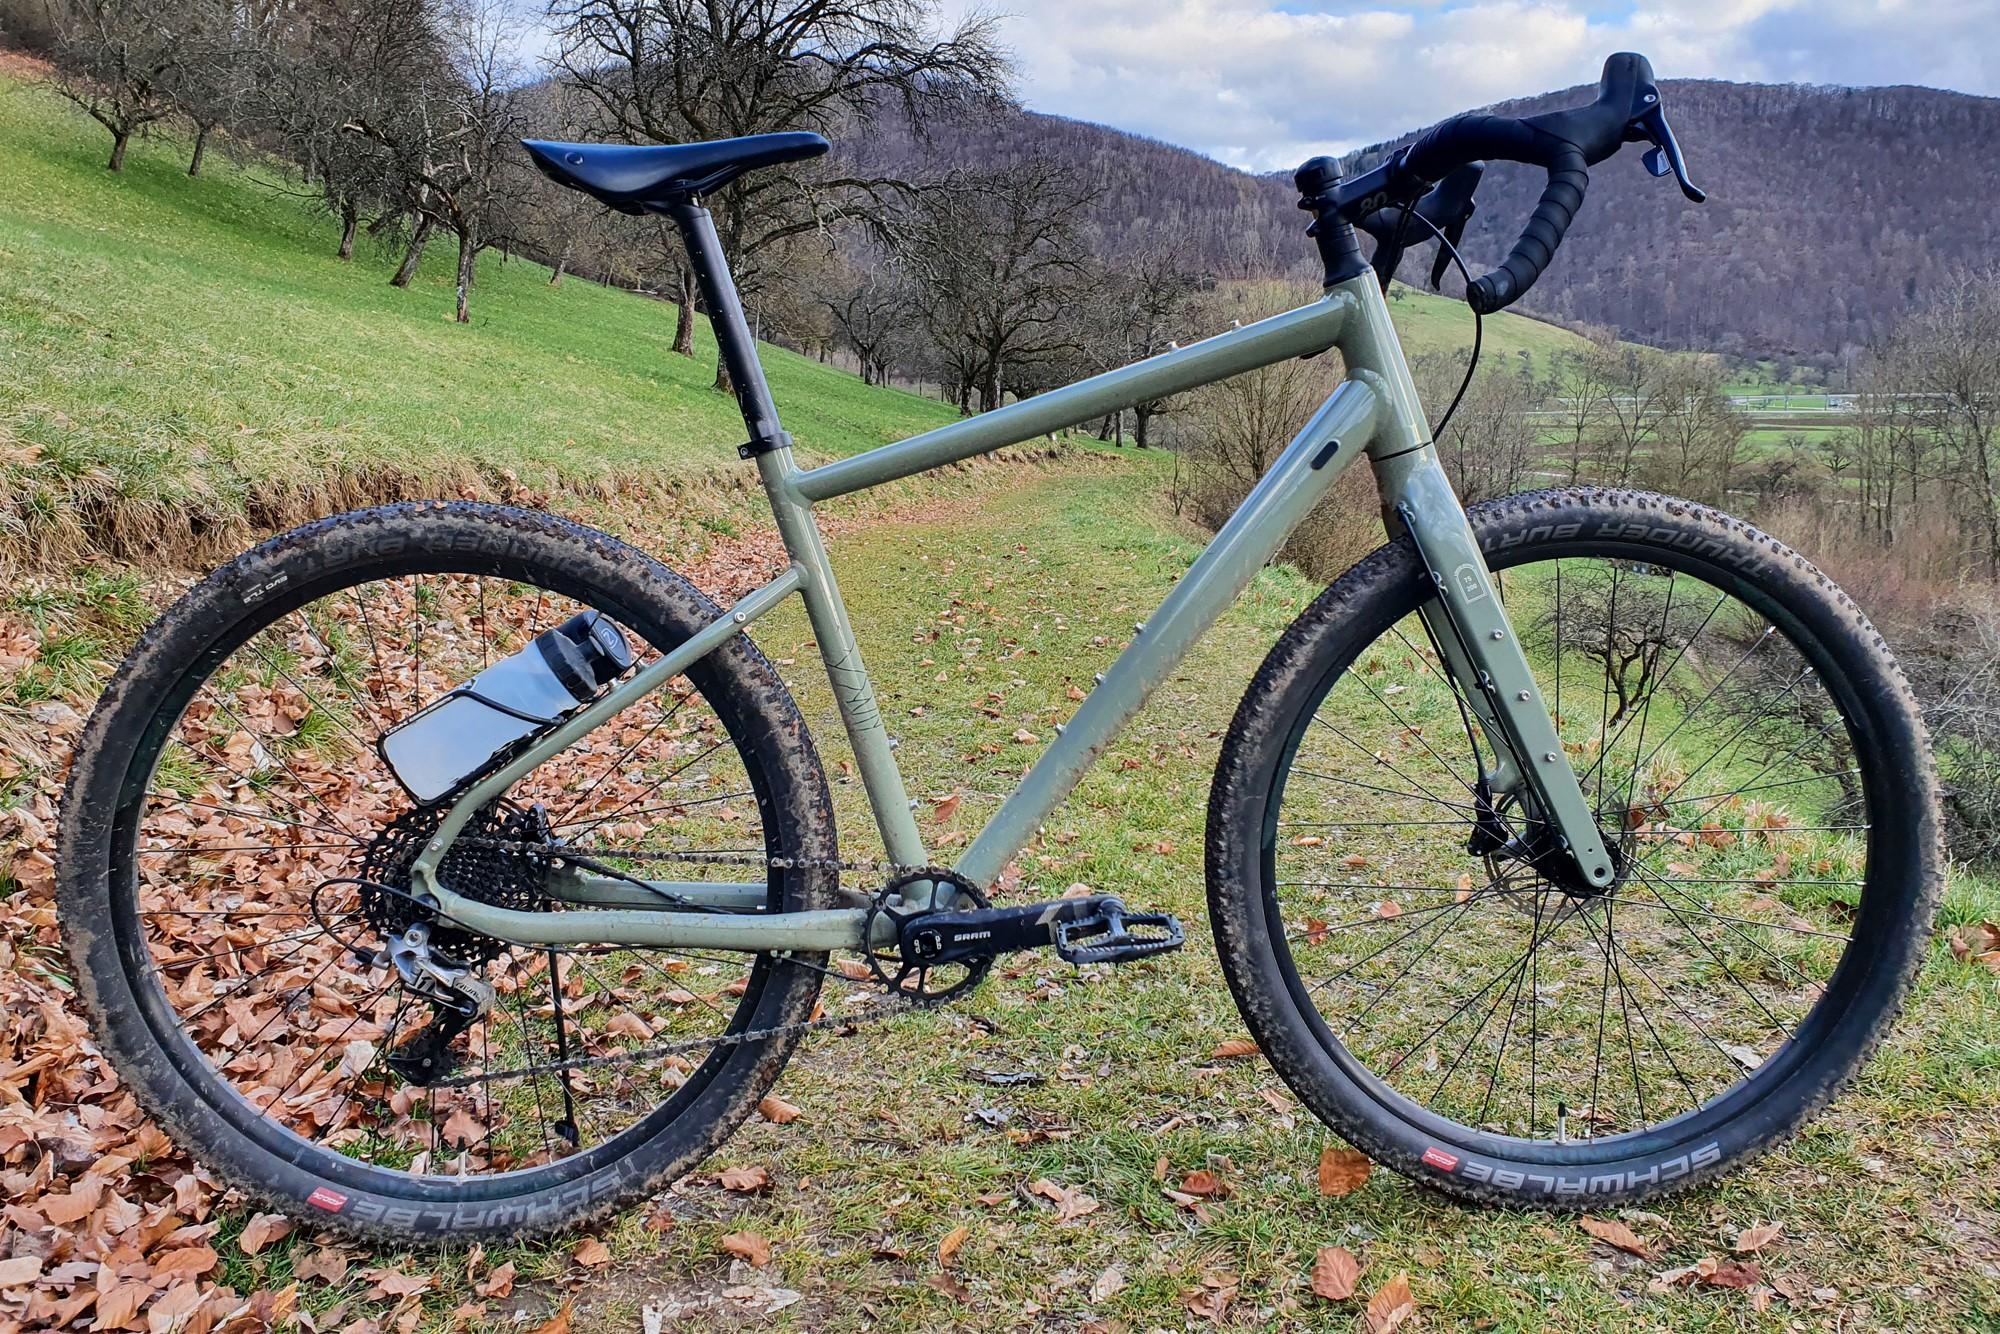 Decathlon Riverside Touring 920 Gravelbike - Bikepacking Alleskönner für ganz große Touren?